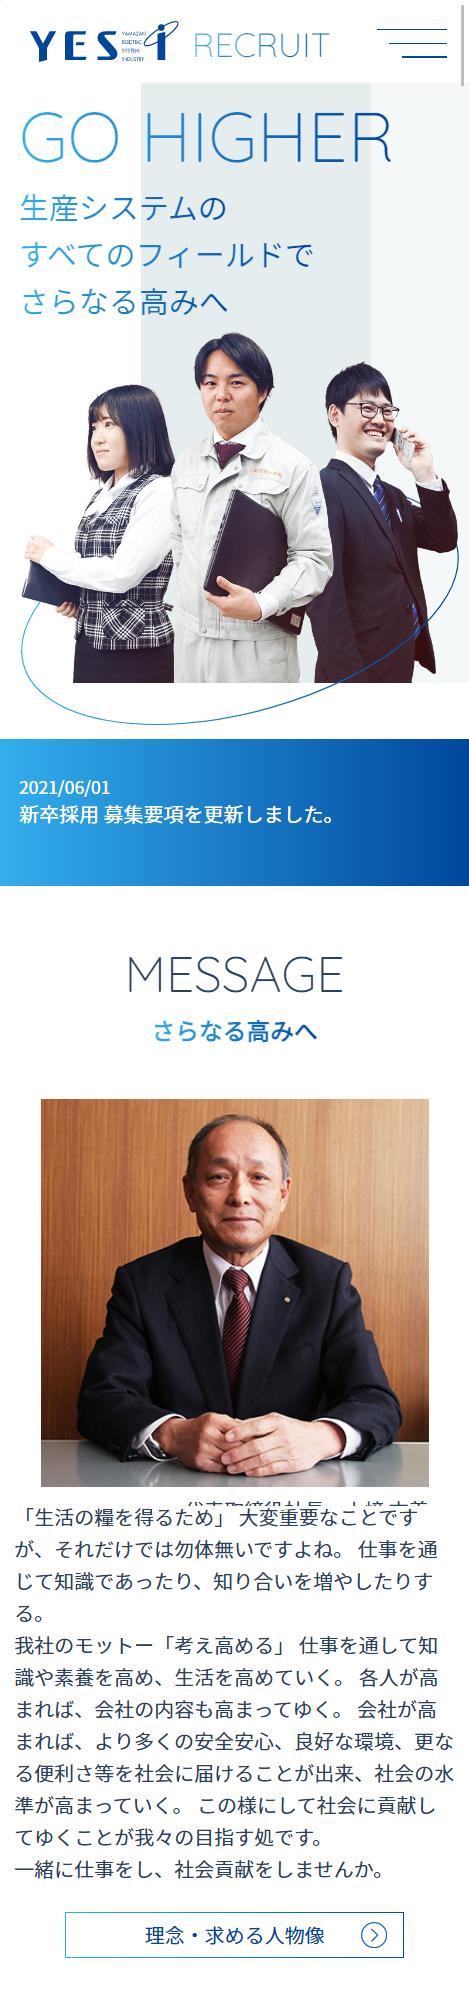 山崎電機産業株式会社 様 リクルートサイト